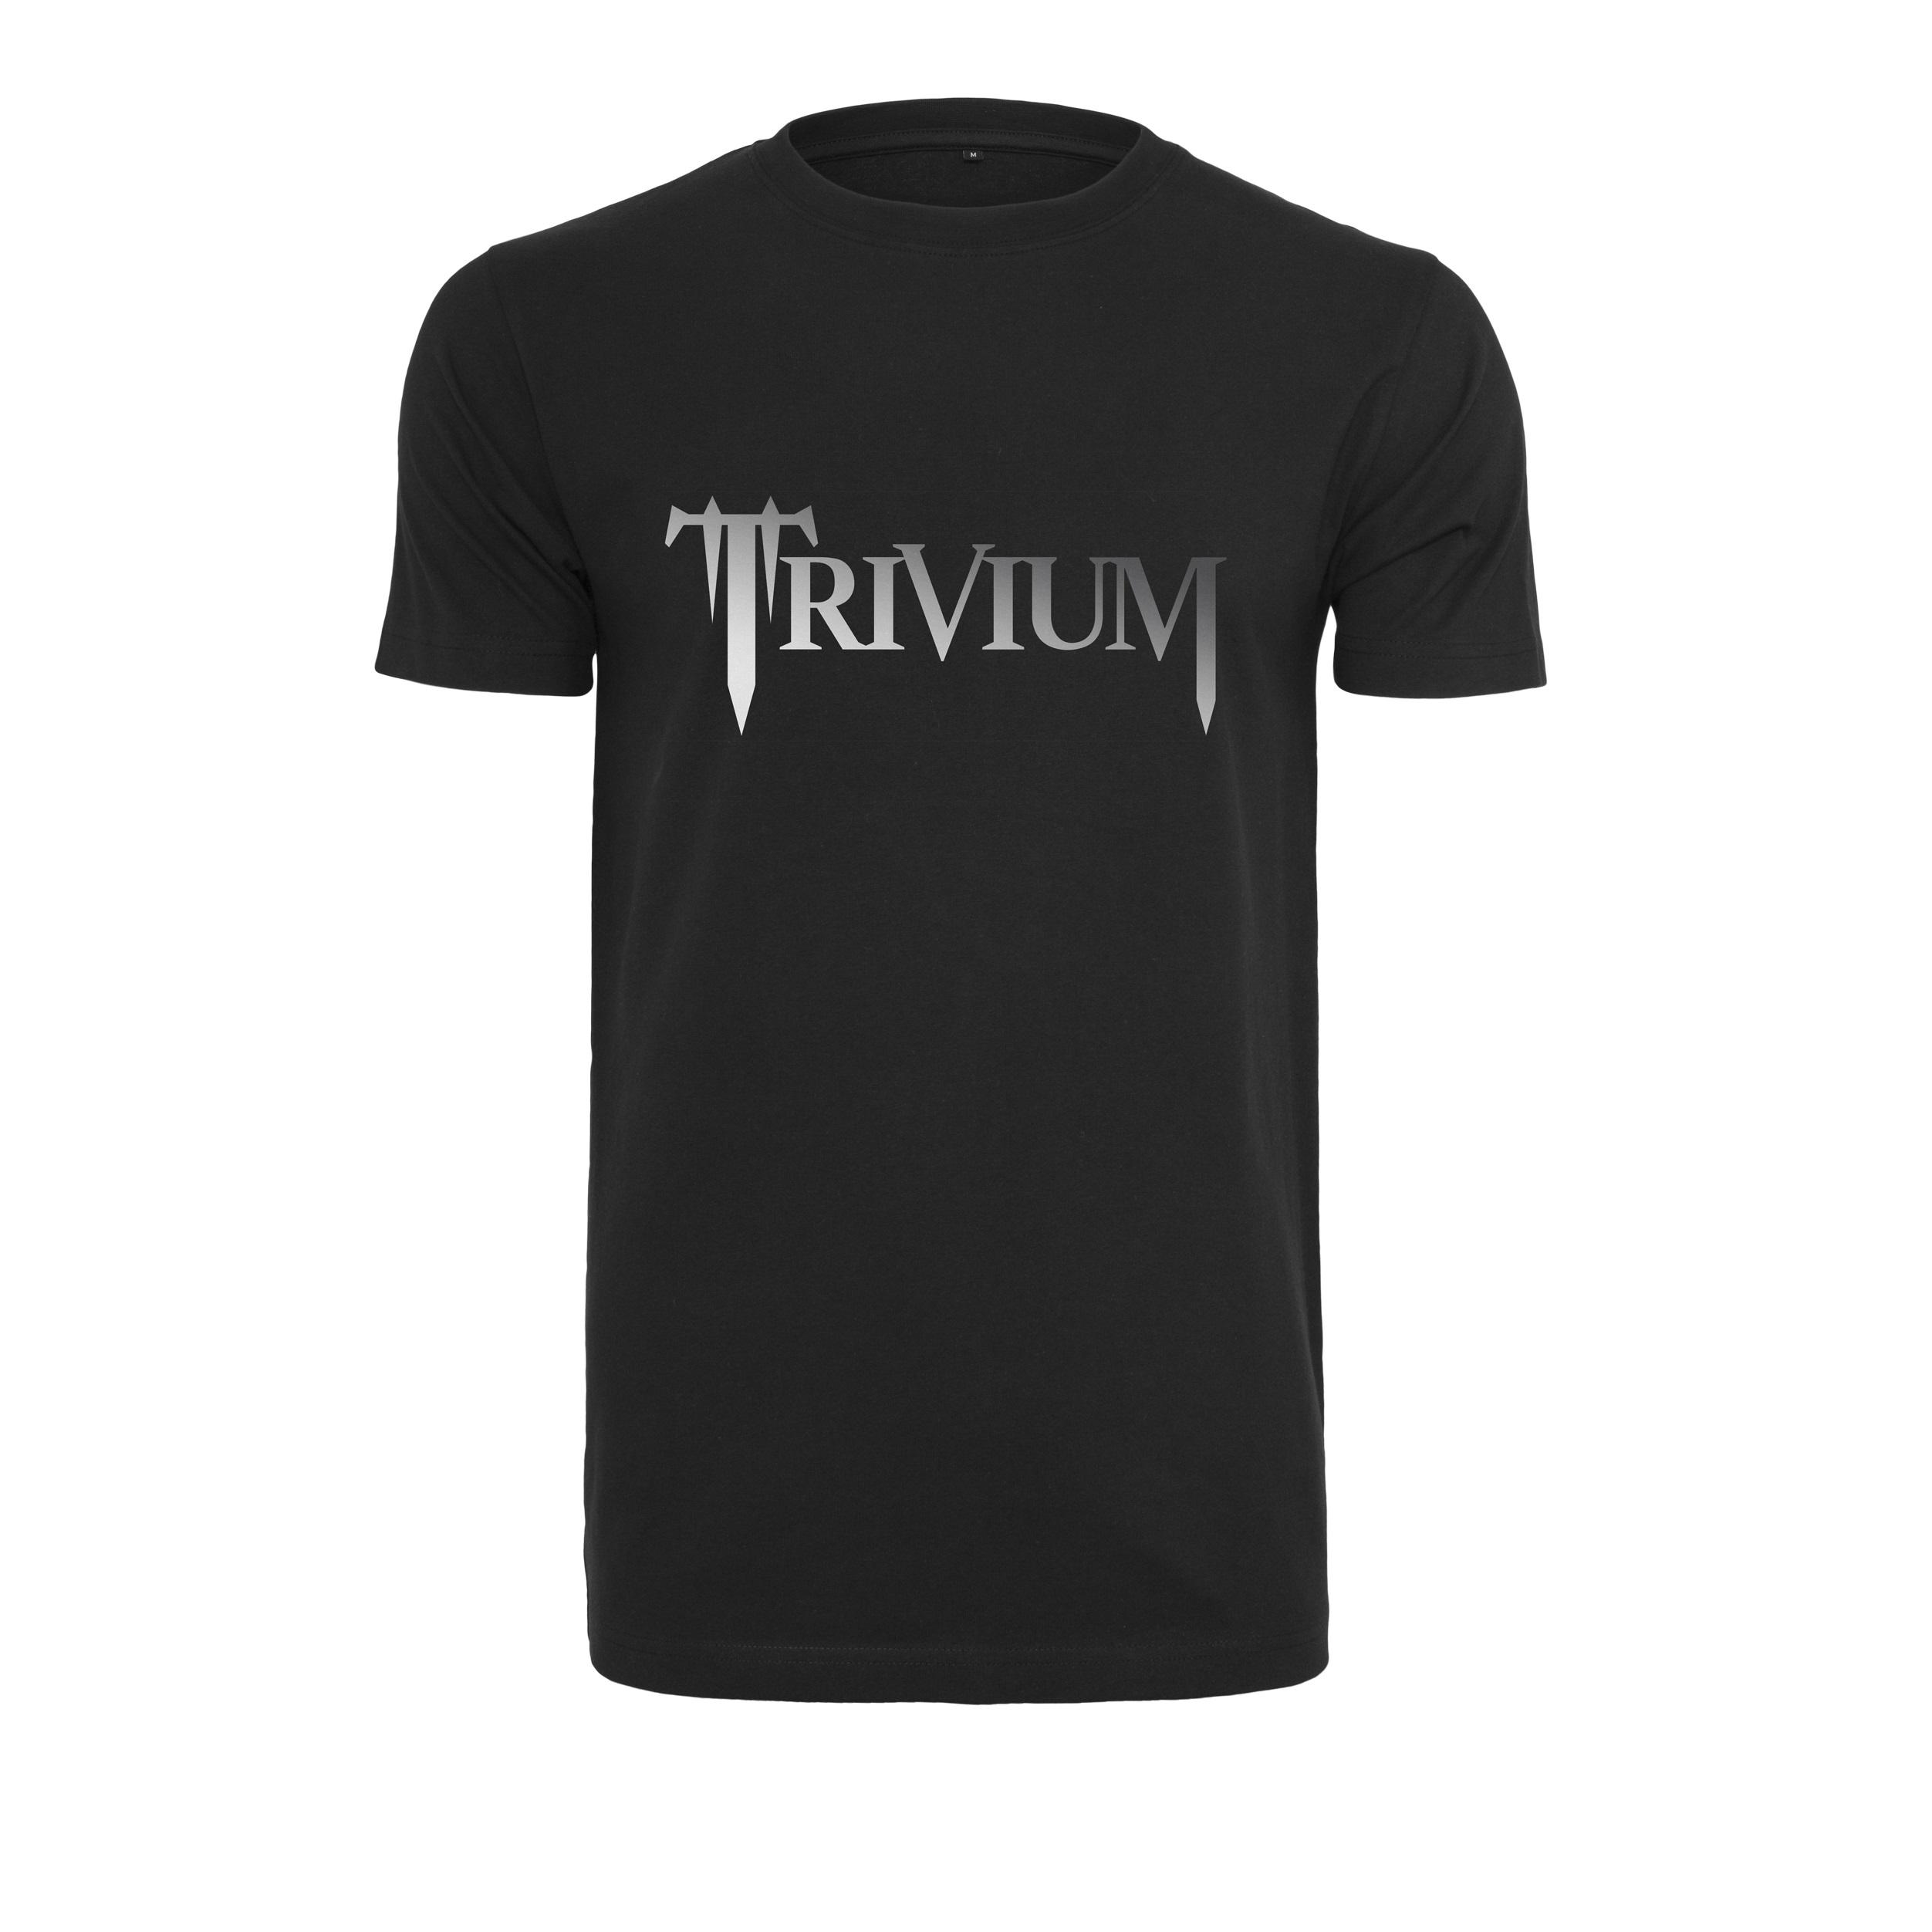 Trivium - Tričko Logo tee - Muž, Čierna, XXL